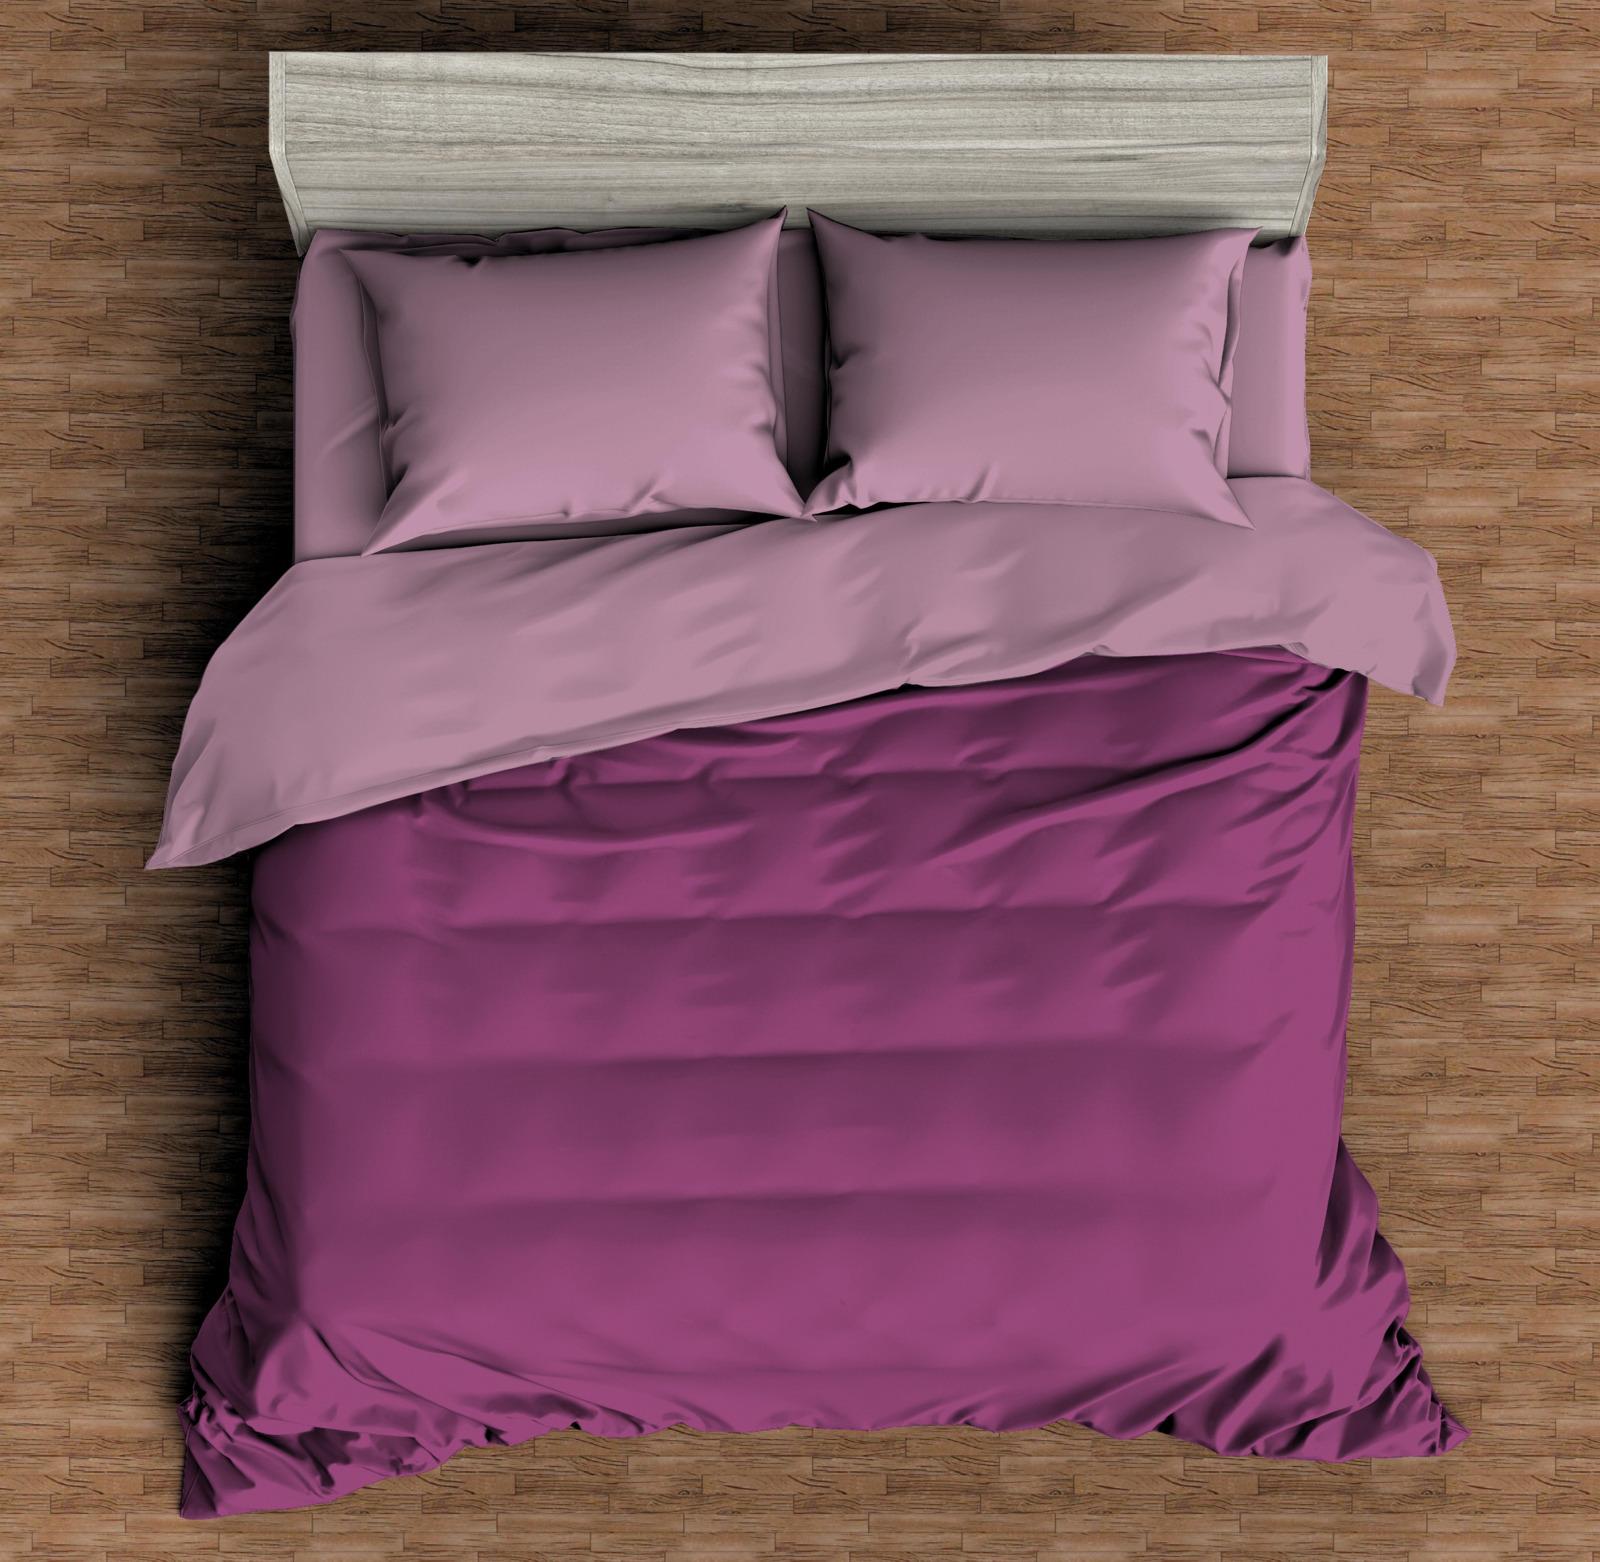 """Комплект постельного белья Amore Mio Макосатин """"Топаз"""", 9789, розовый, 1,5-спальный, наволочки 70x70"""